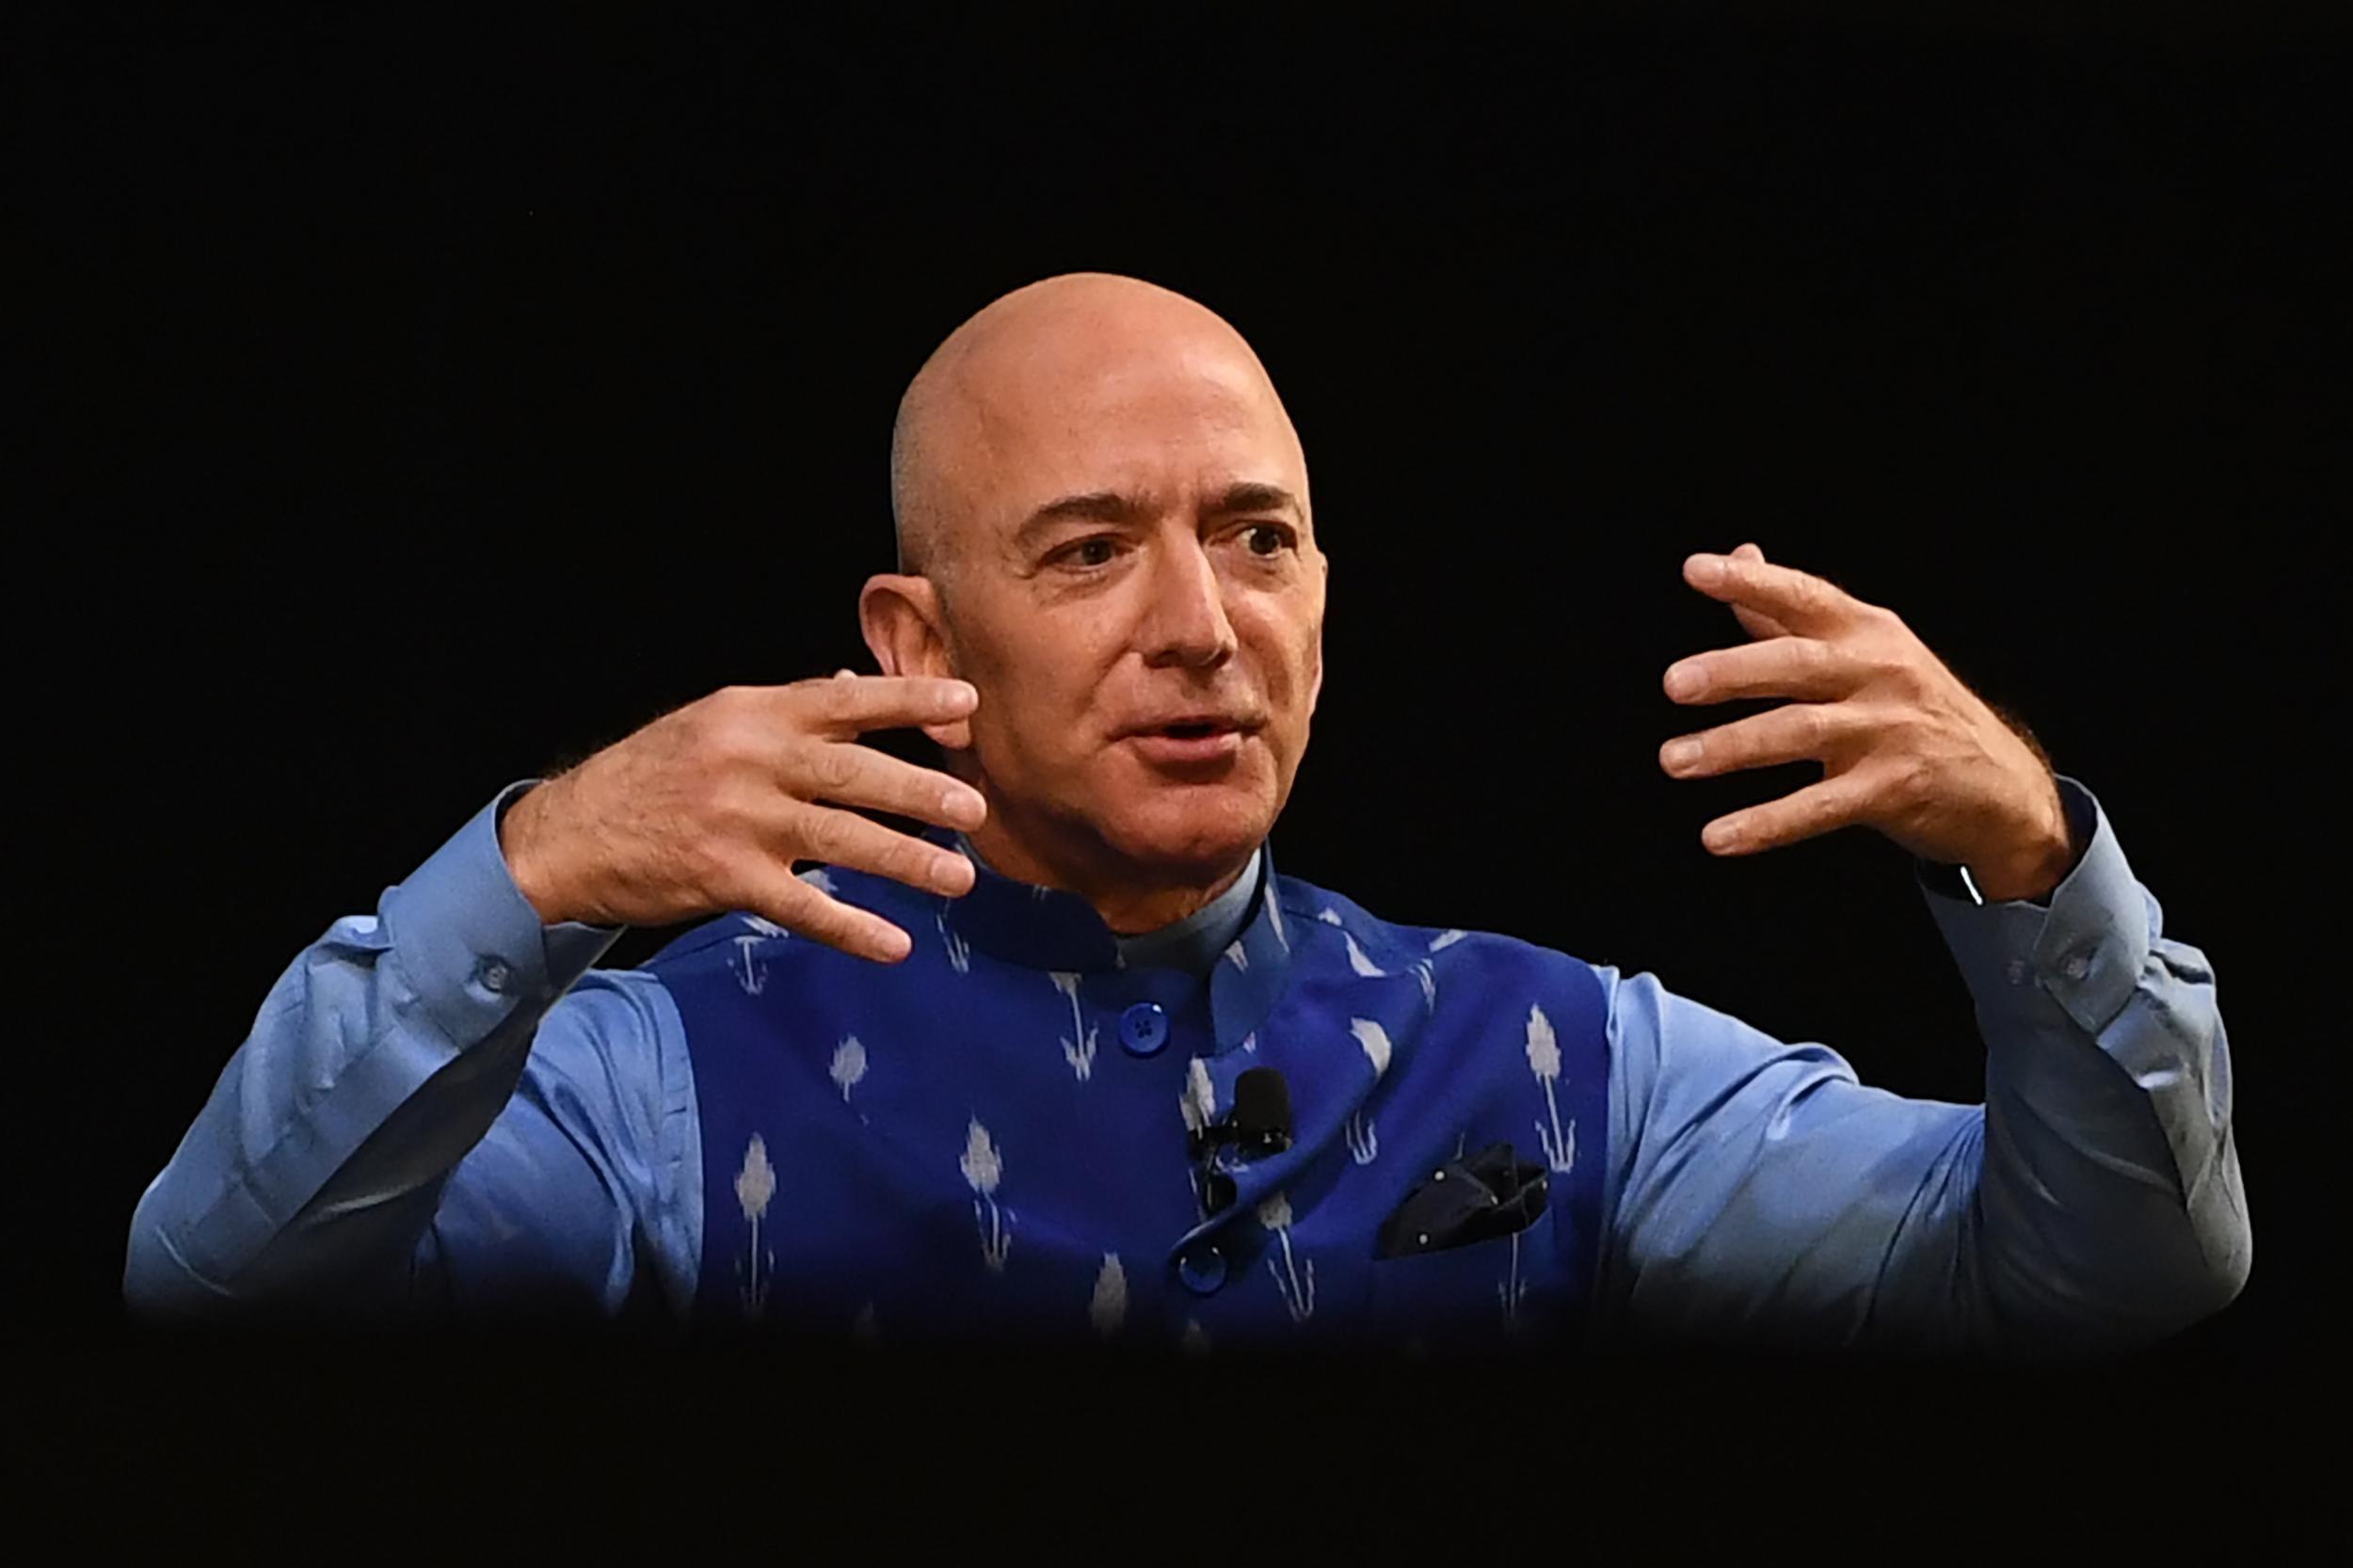 Jeff Bezos tells Amazon shareholders to 'take a seat' as profits hit by coronavirus